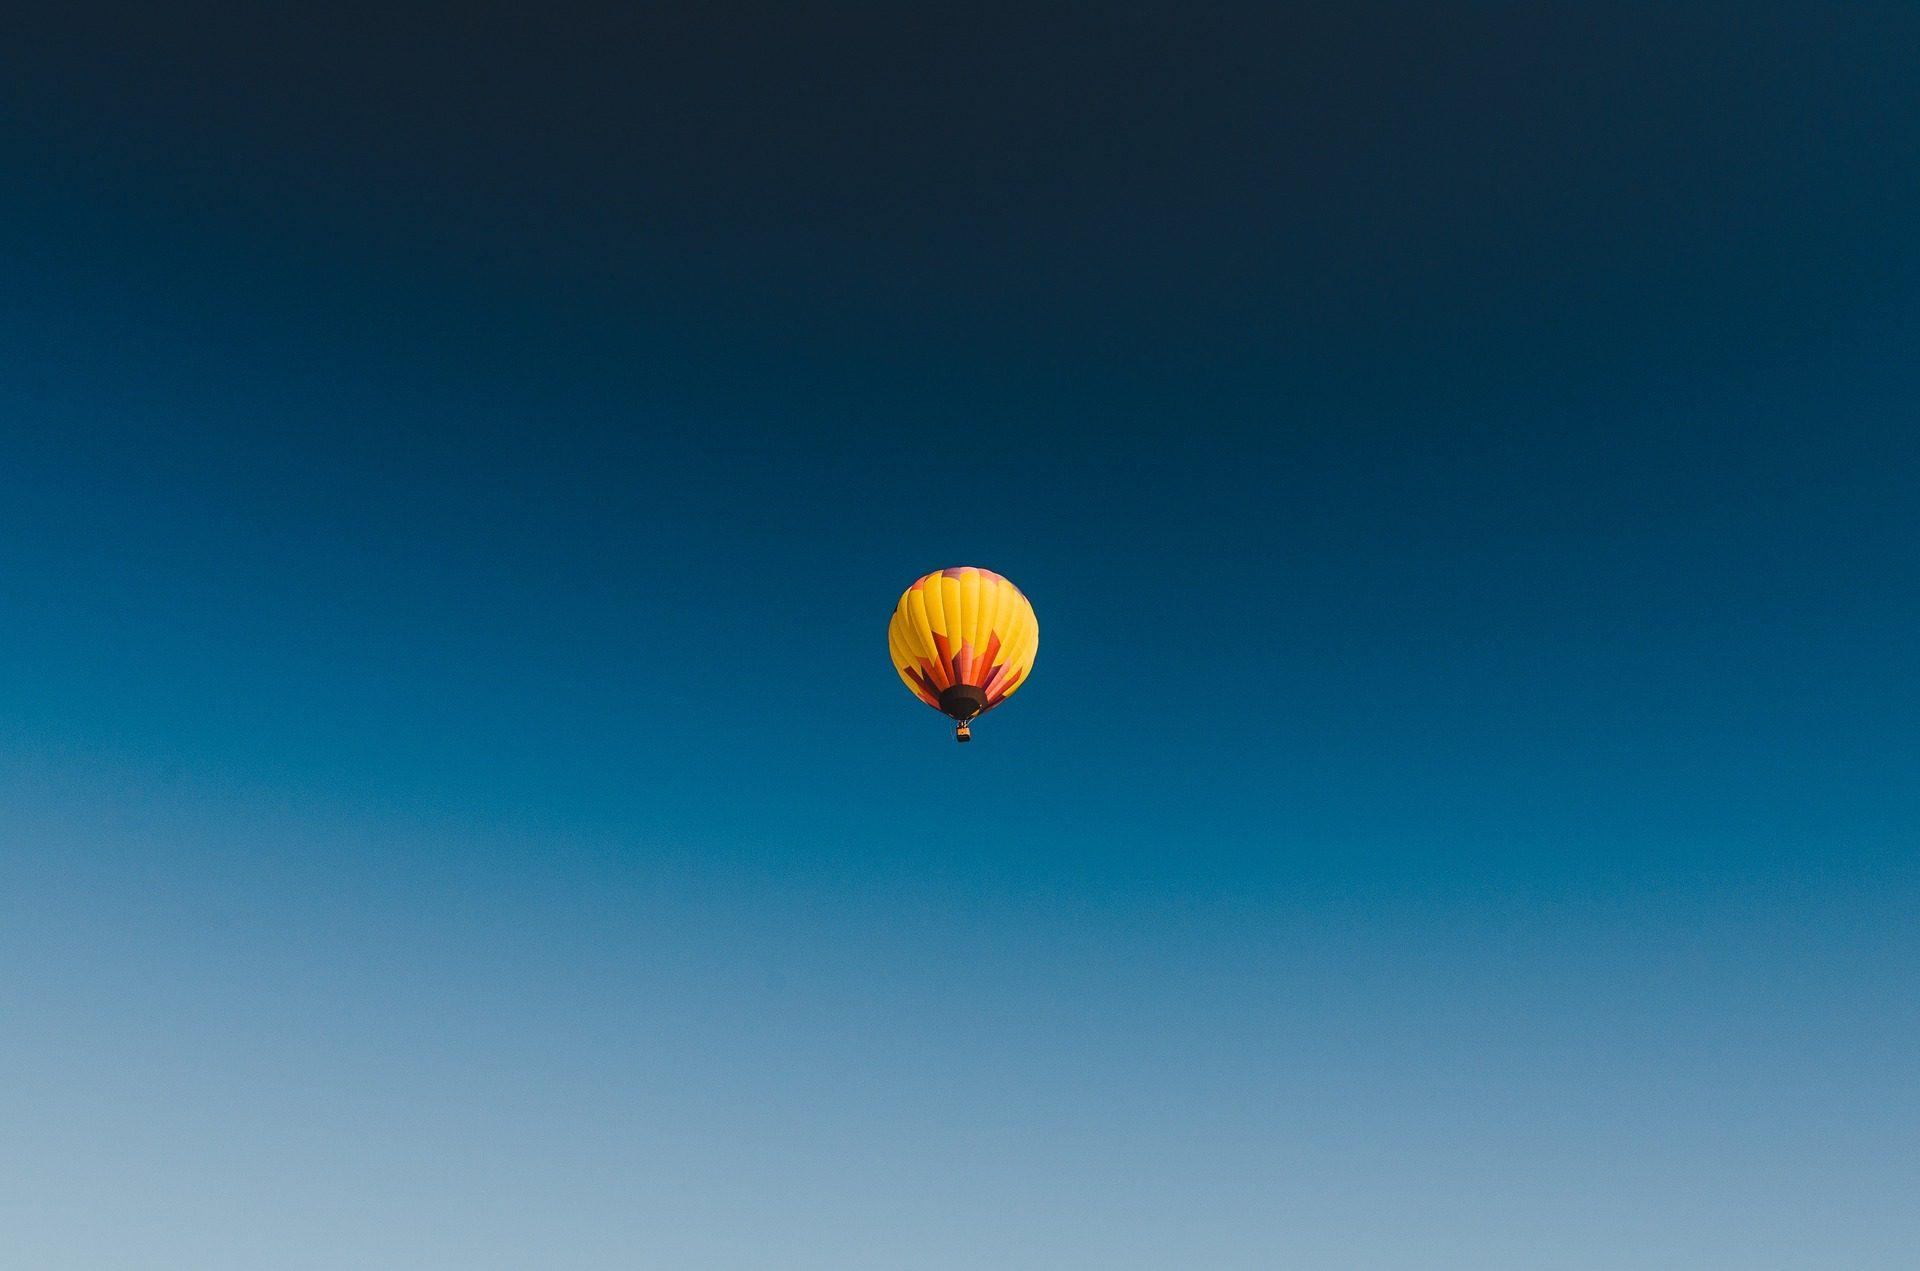 balão, balão de ar, Céu, alturas, voar - Papéis de parede HD - Professor-falken.com